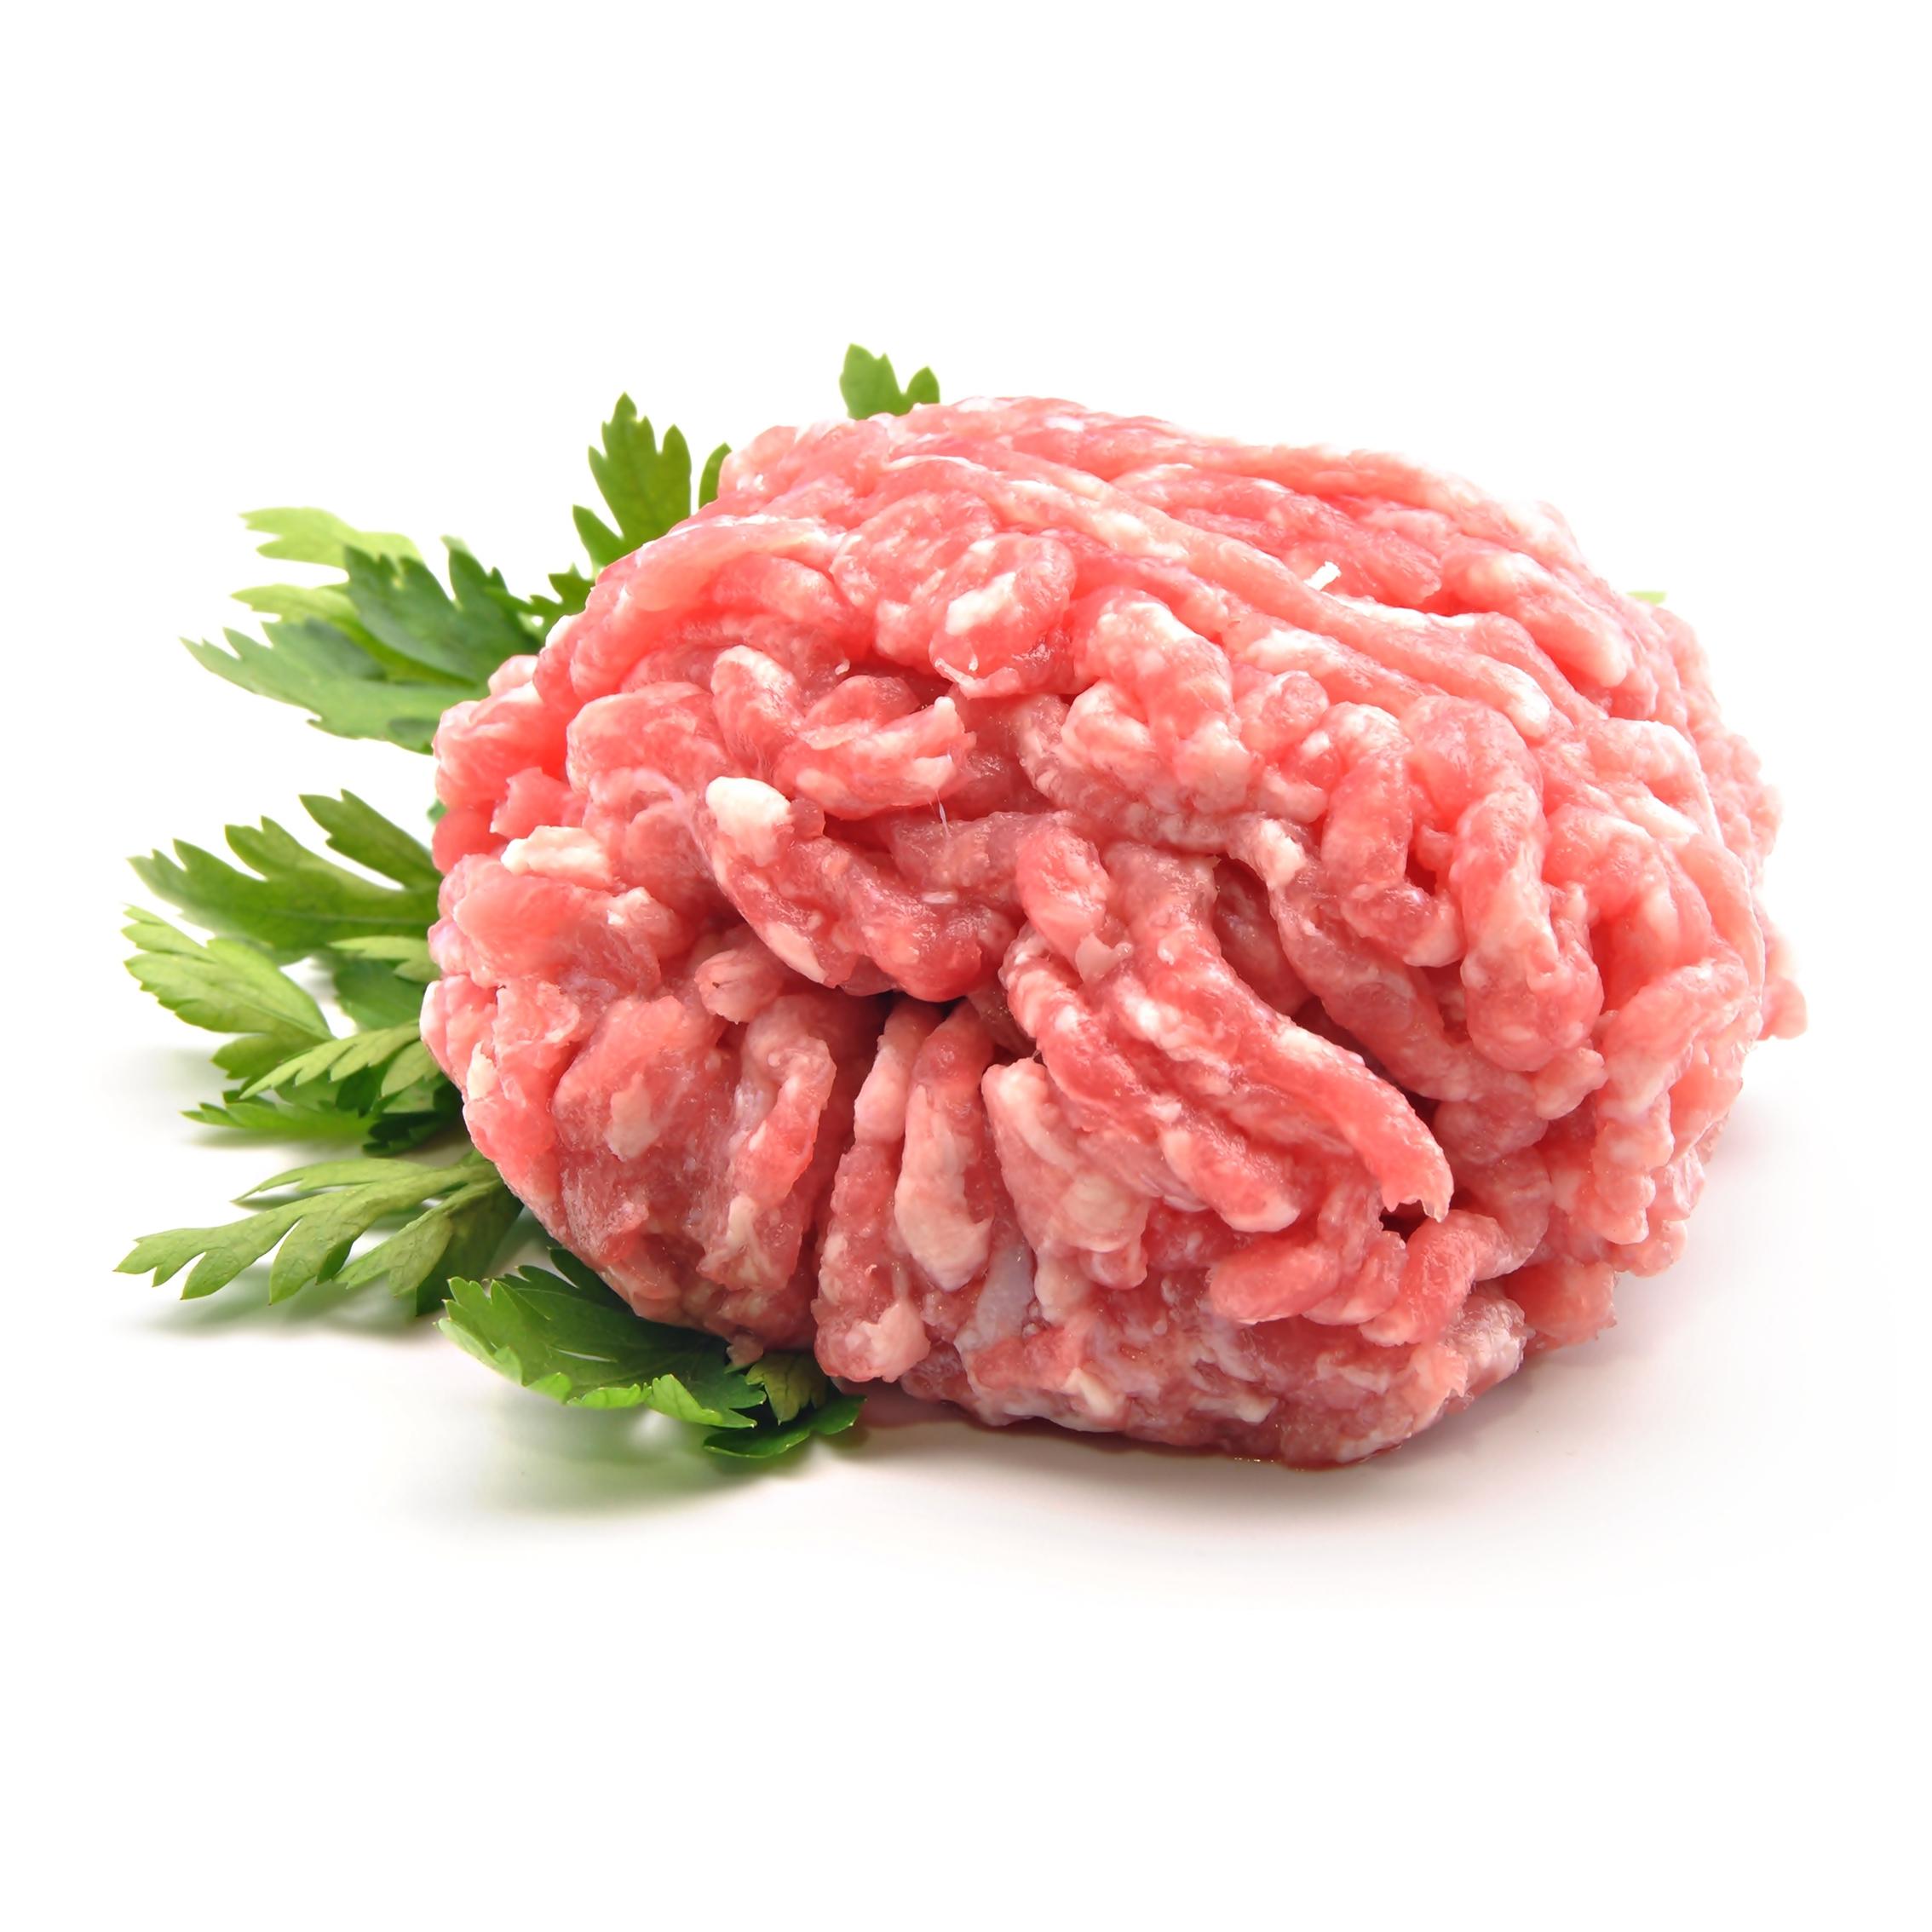 合いびき肉の人気レシピ集!安い合いびき肉で賢く美味しい料理を!のサムネイル画像